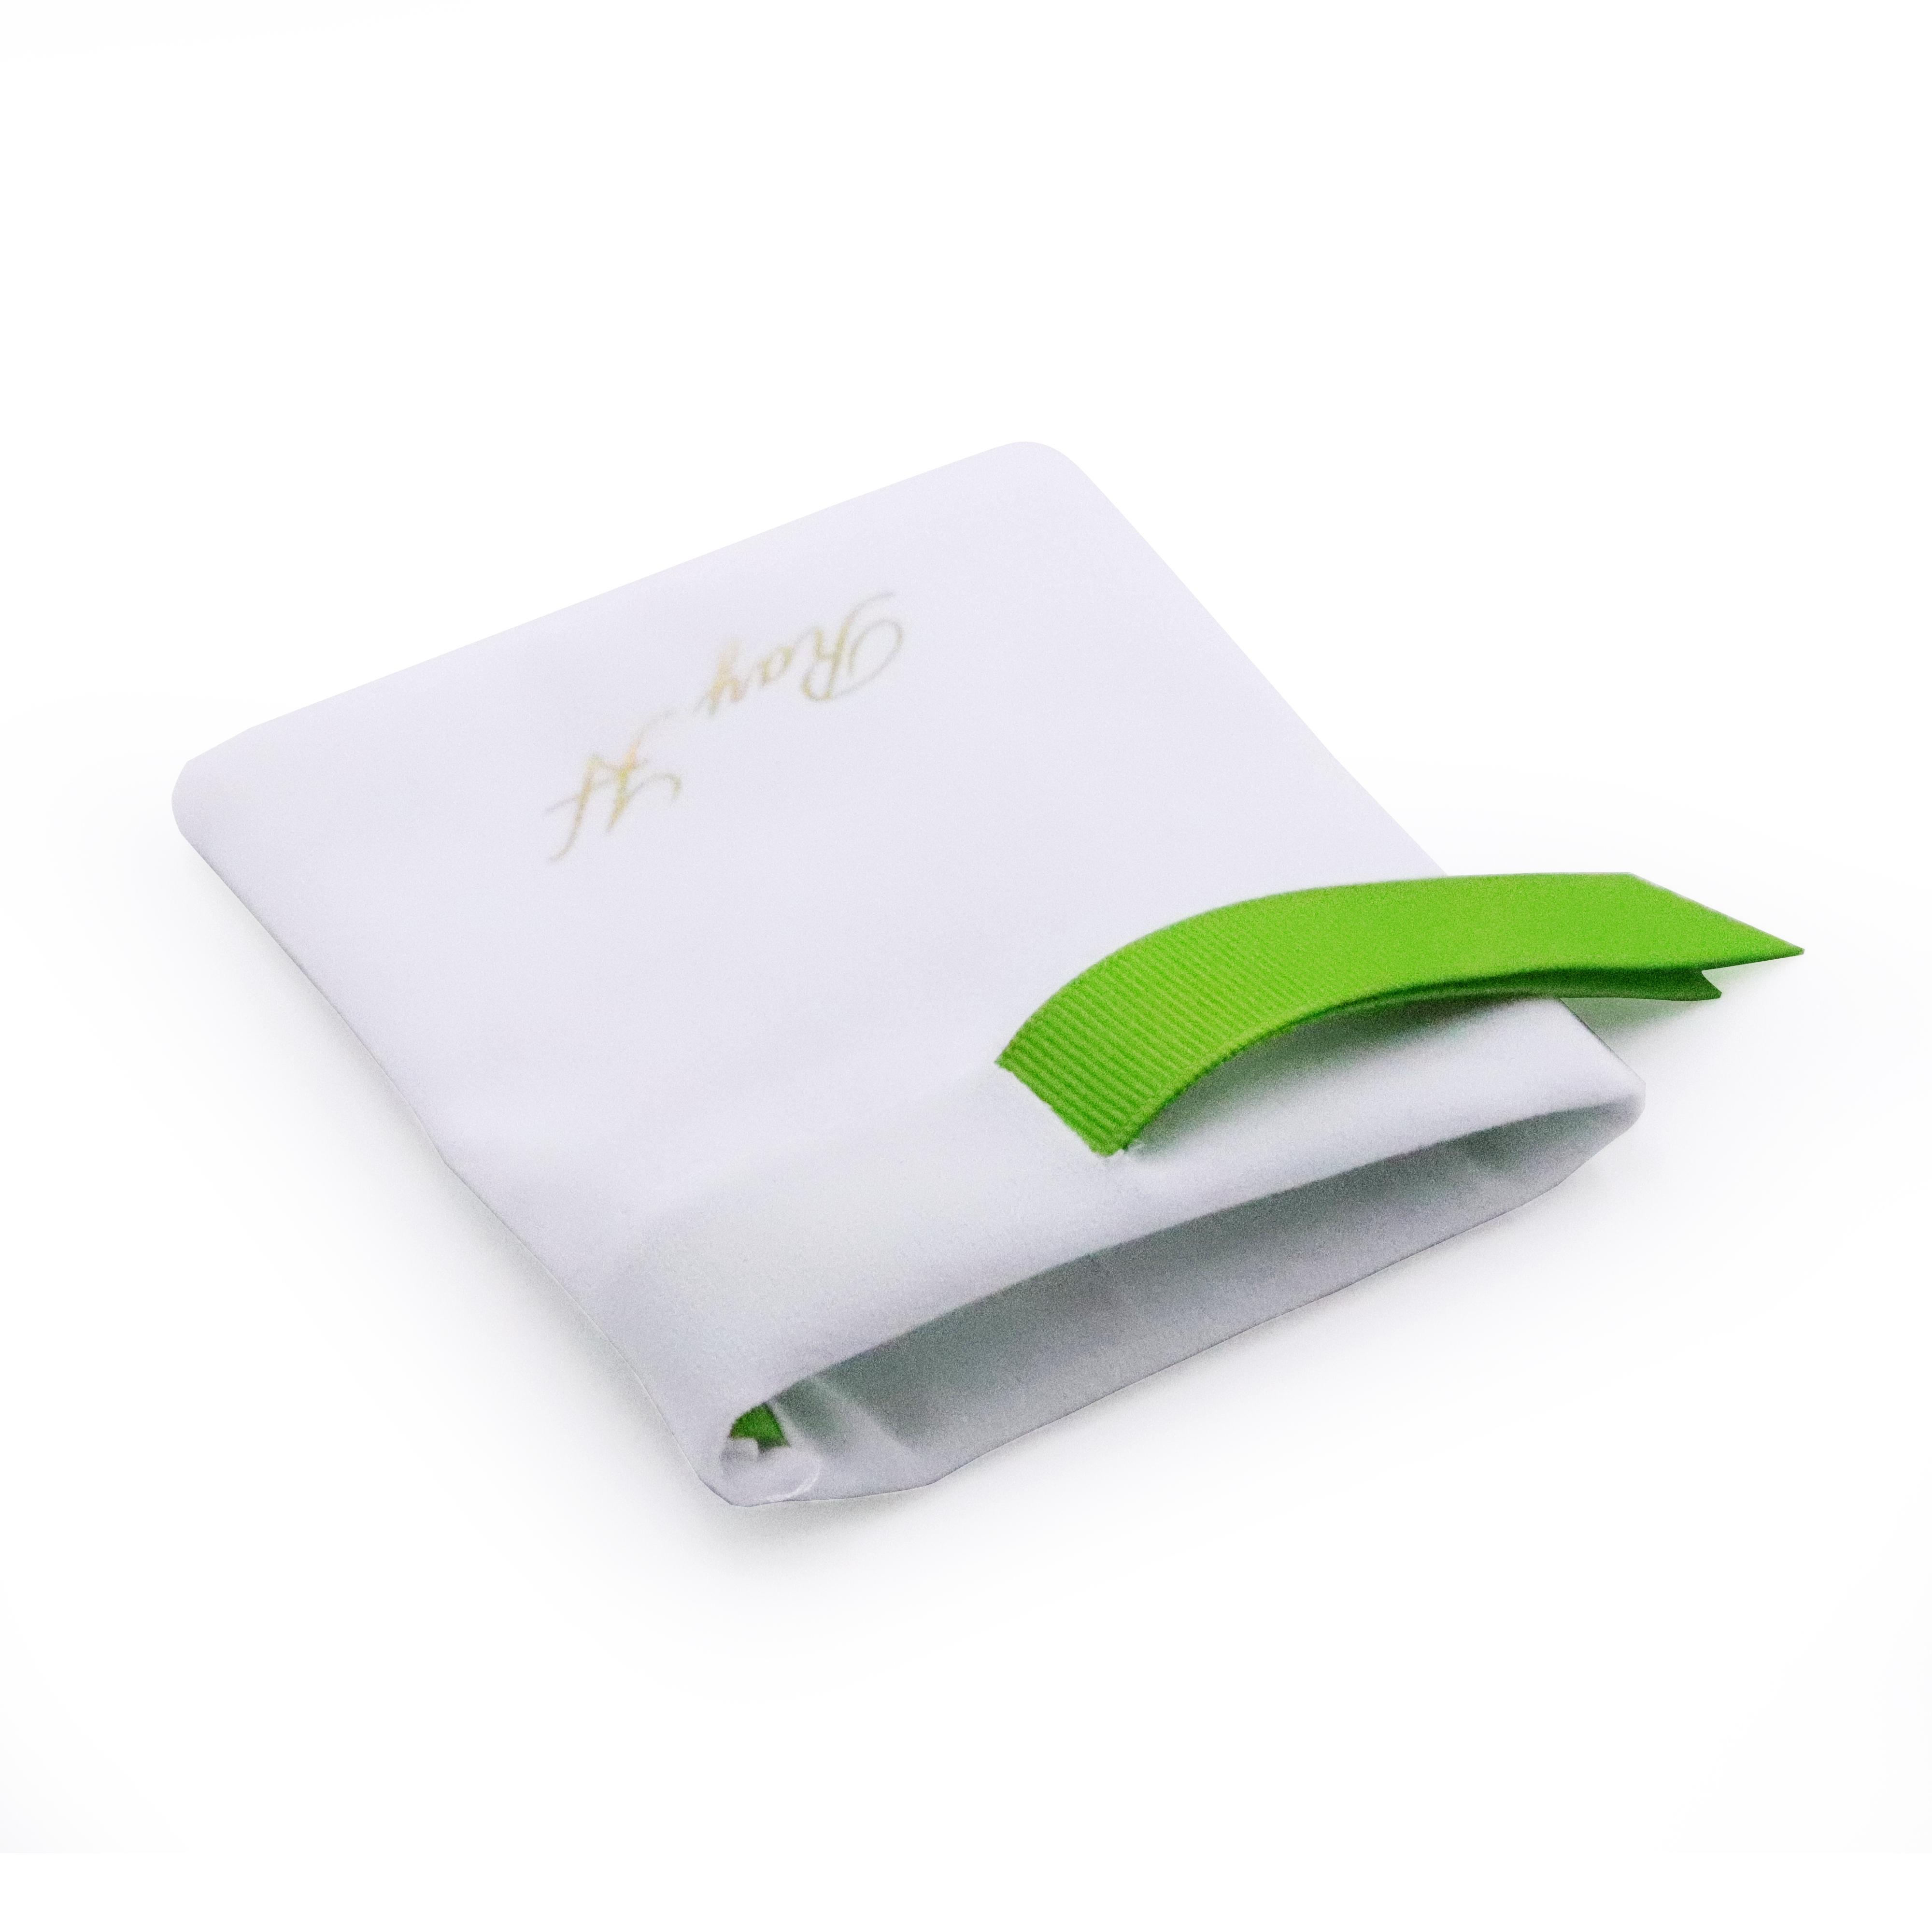 Изготовленные На Заказ высококачественные элегантные светло-белые замшевые мешки на шнурке для упаковки ювелирных изделий с печатным логотипом